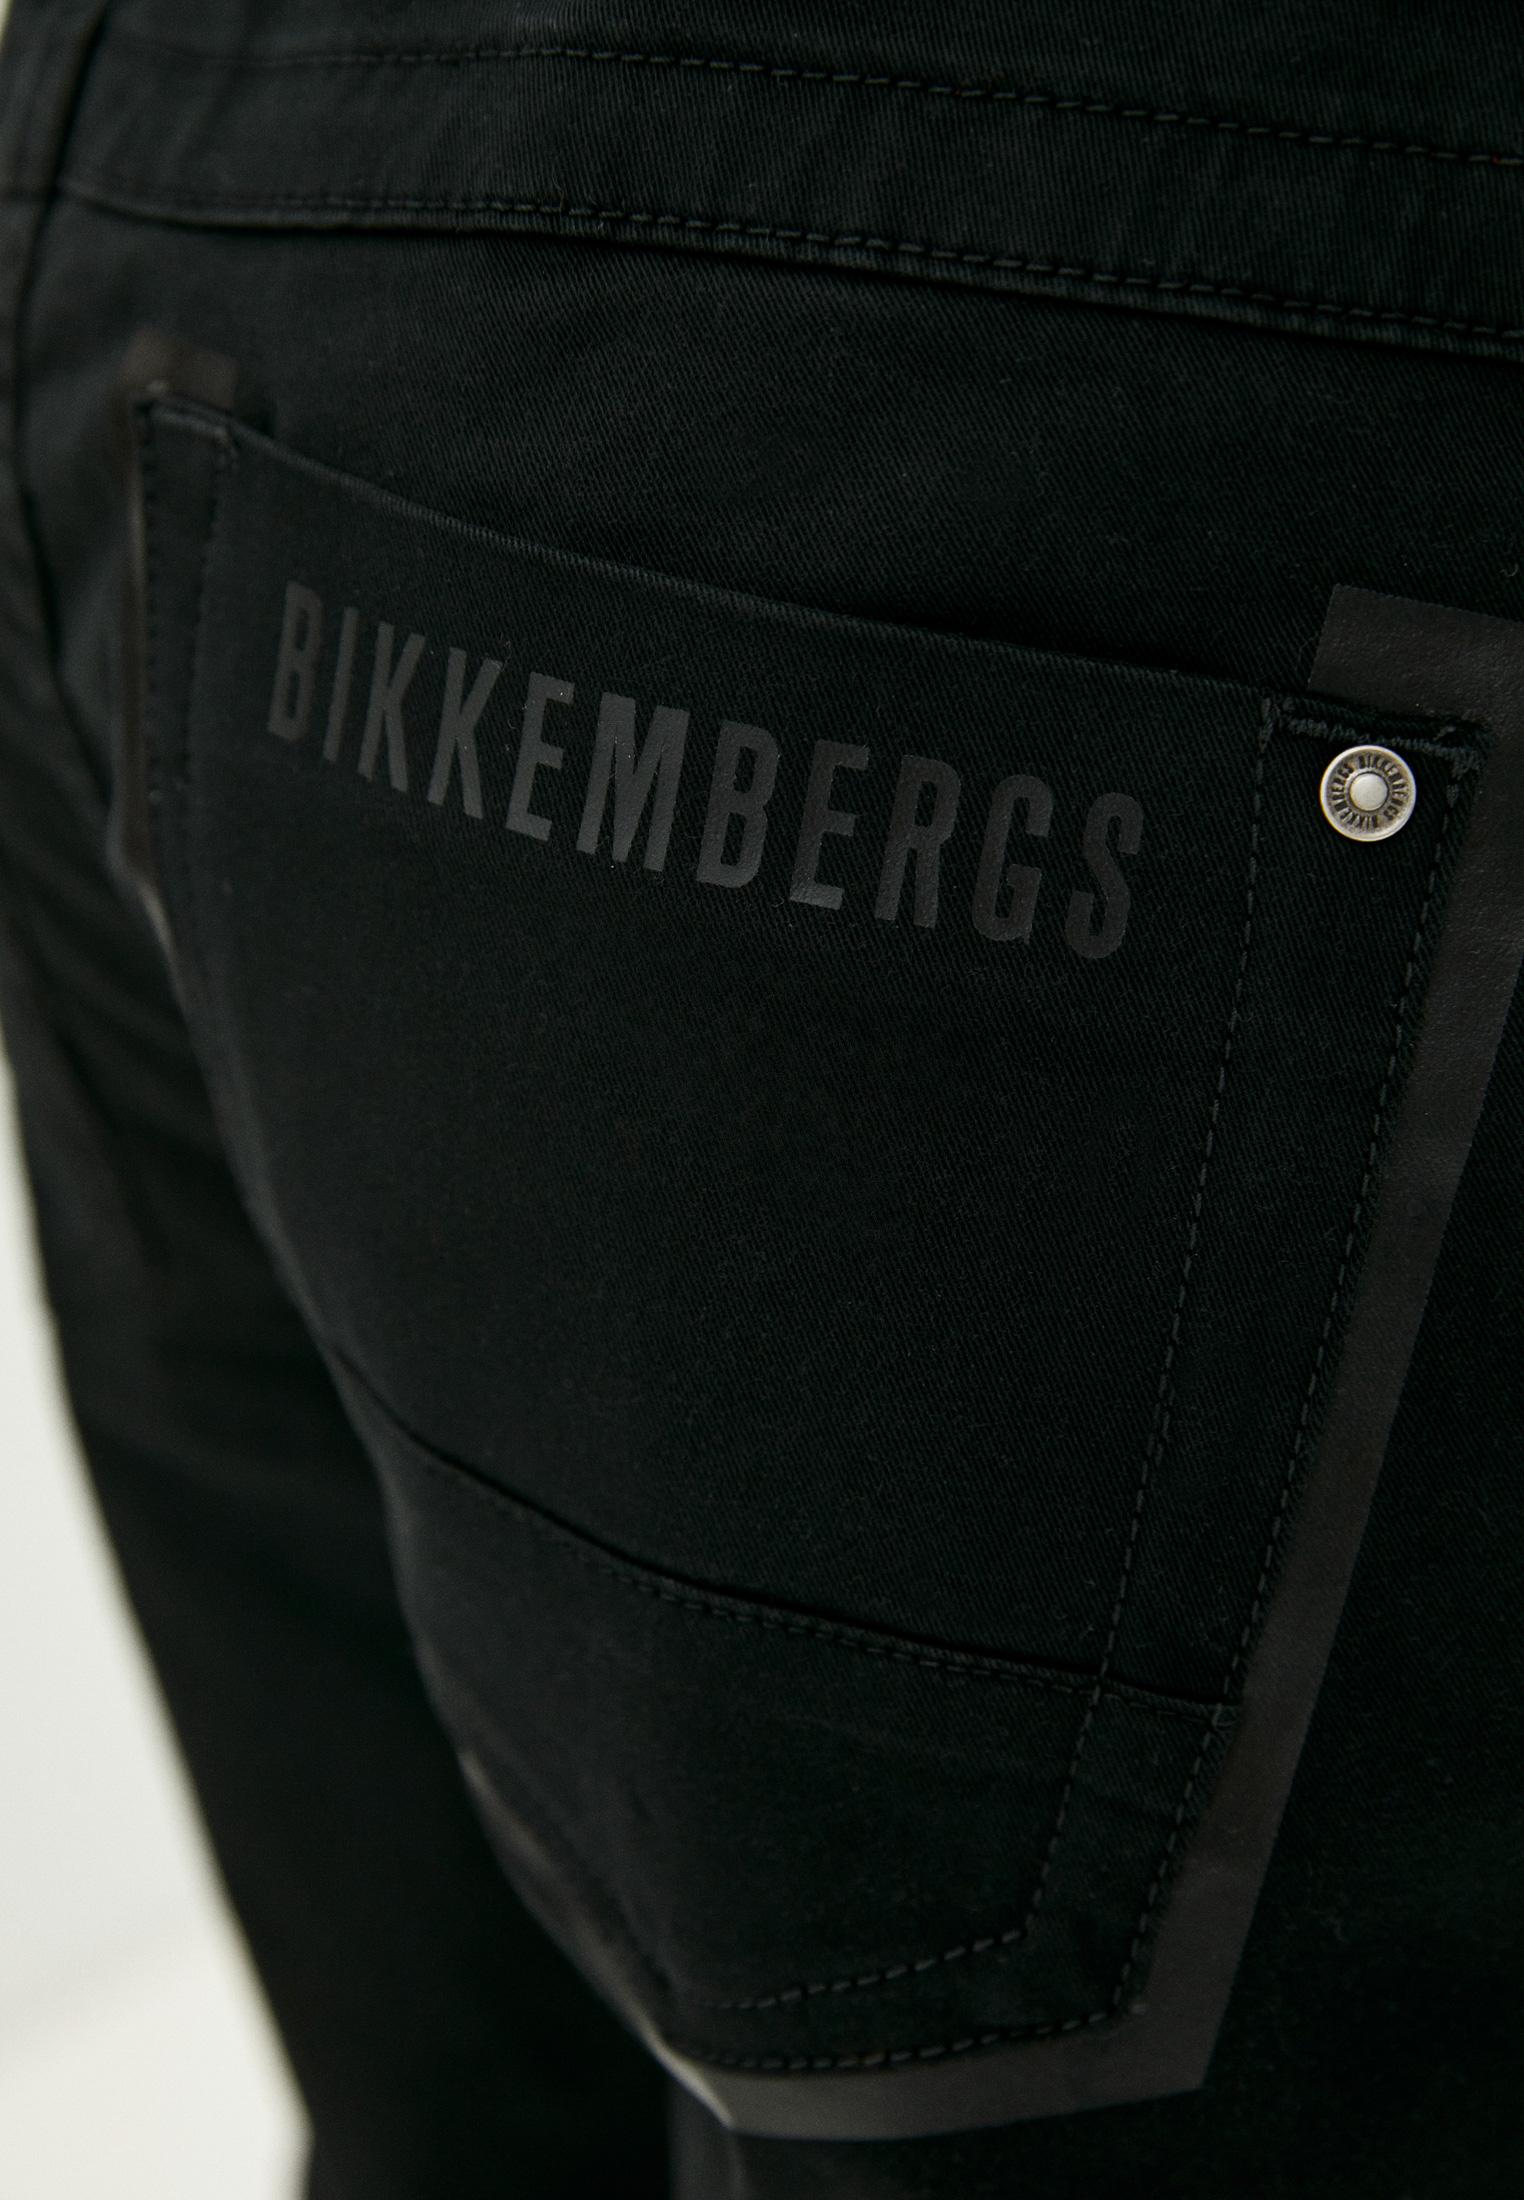 Мужские брюки Bikkembergs (Биккембергс) C Q 101 02 S 3279: изображение 5